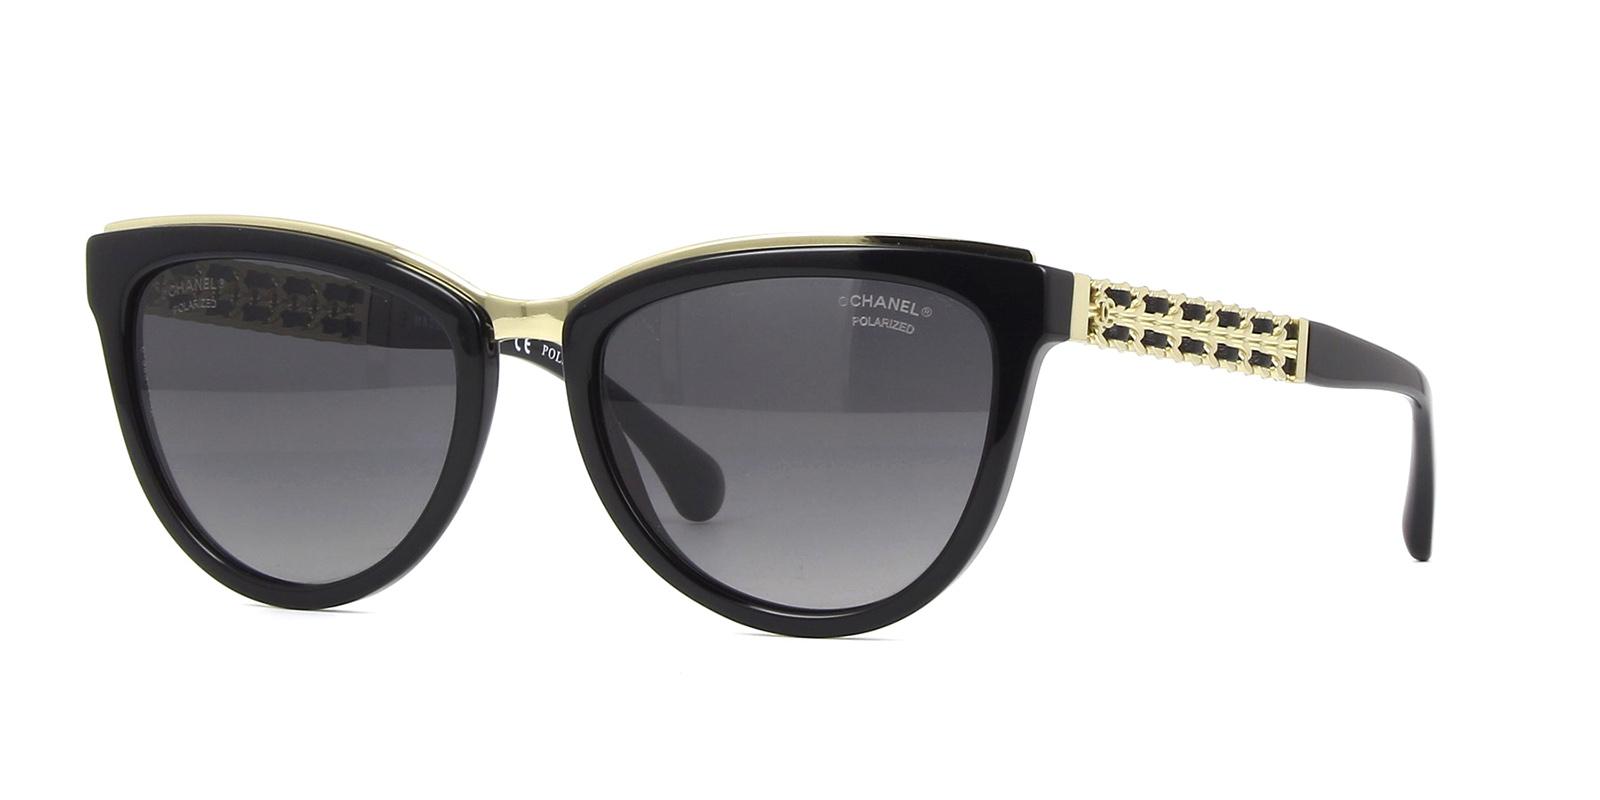 Chanel Sunglasses 5361 Colour 501S8